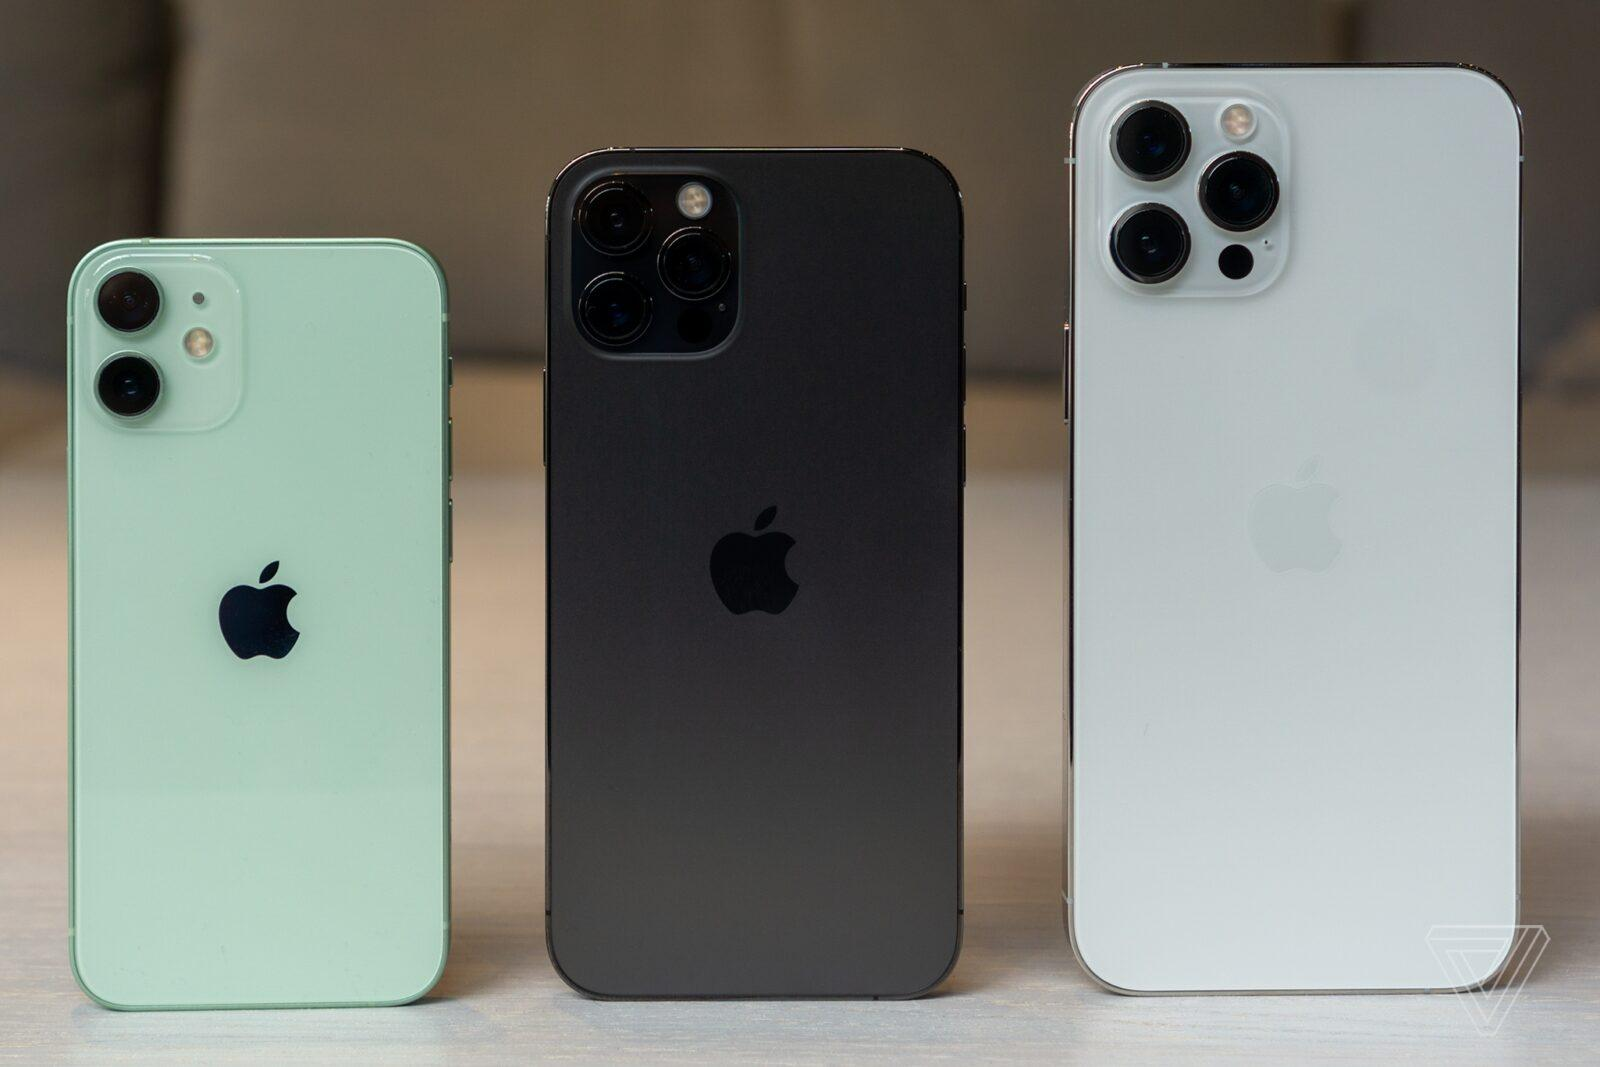 В России начались продажи iPhone 12 Pro Max и iPhone 12 mini (9 large)